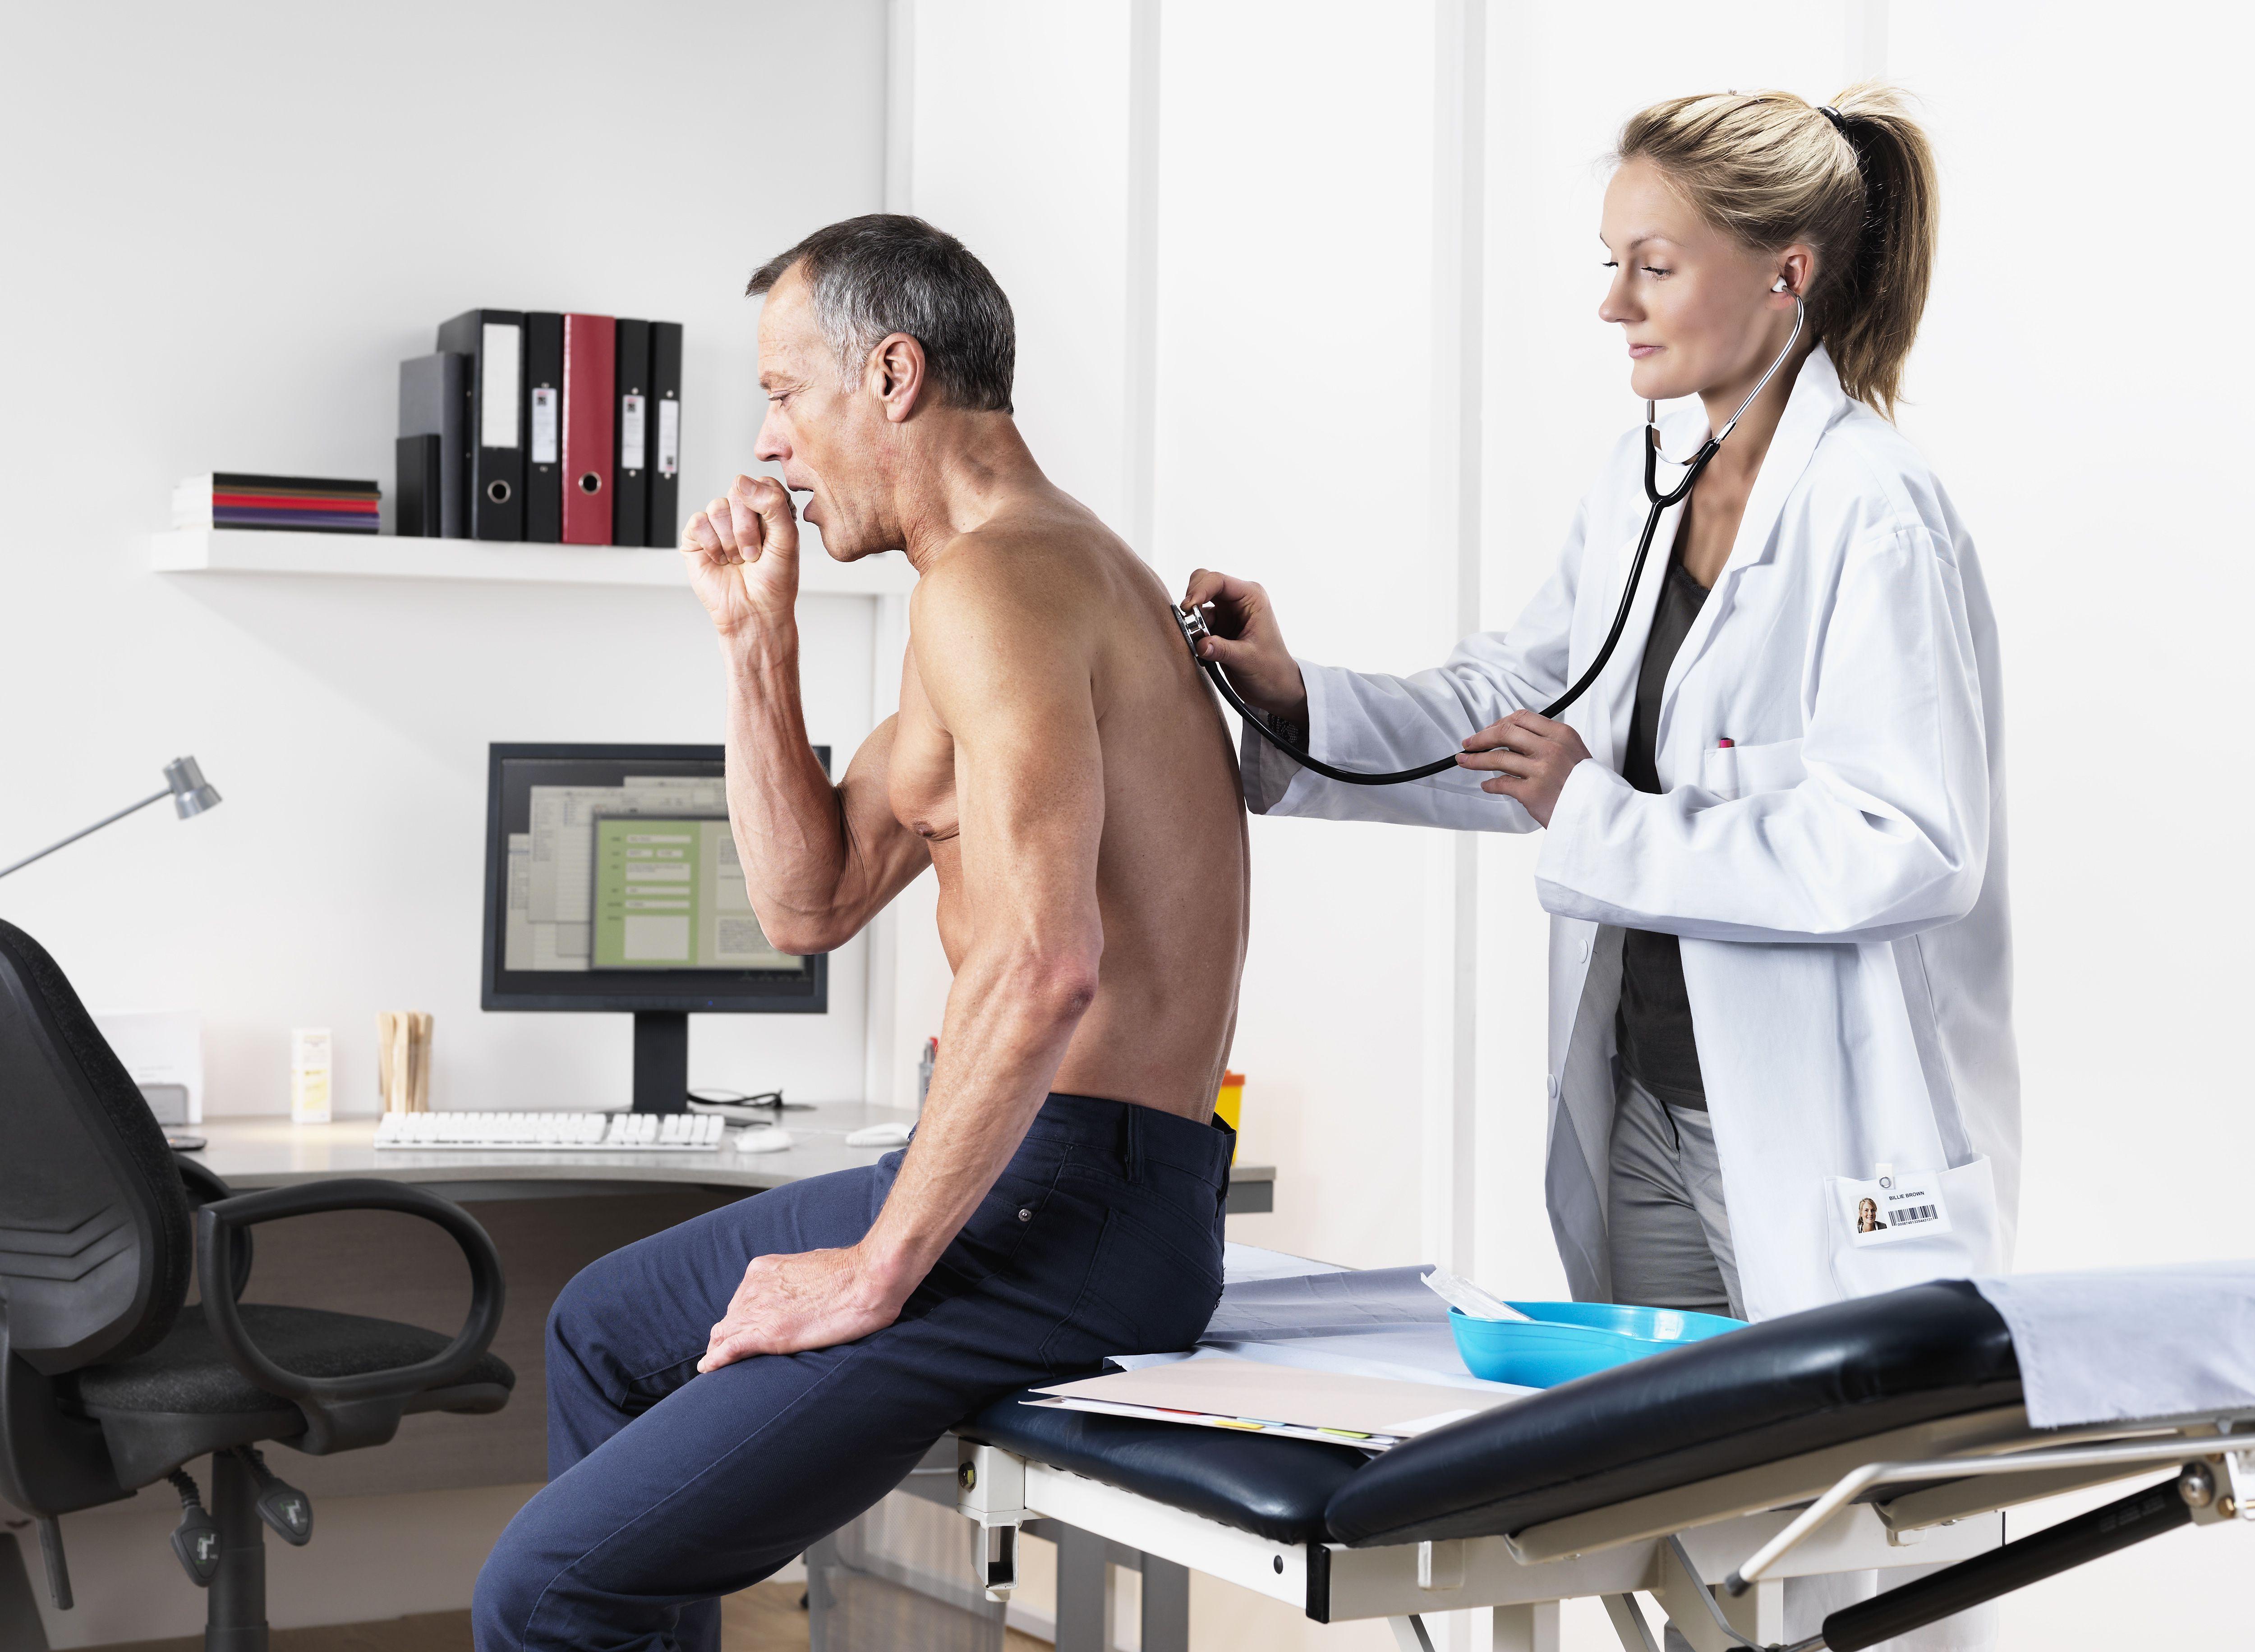 отличие фото осмотра пациента доктором развитие искусства привело